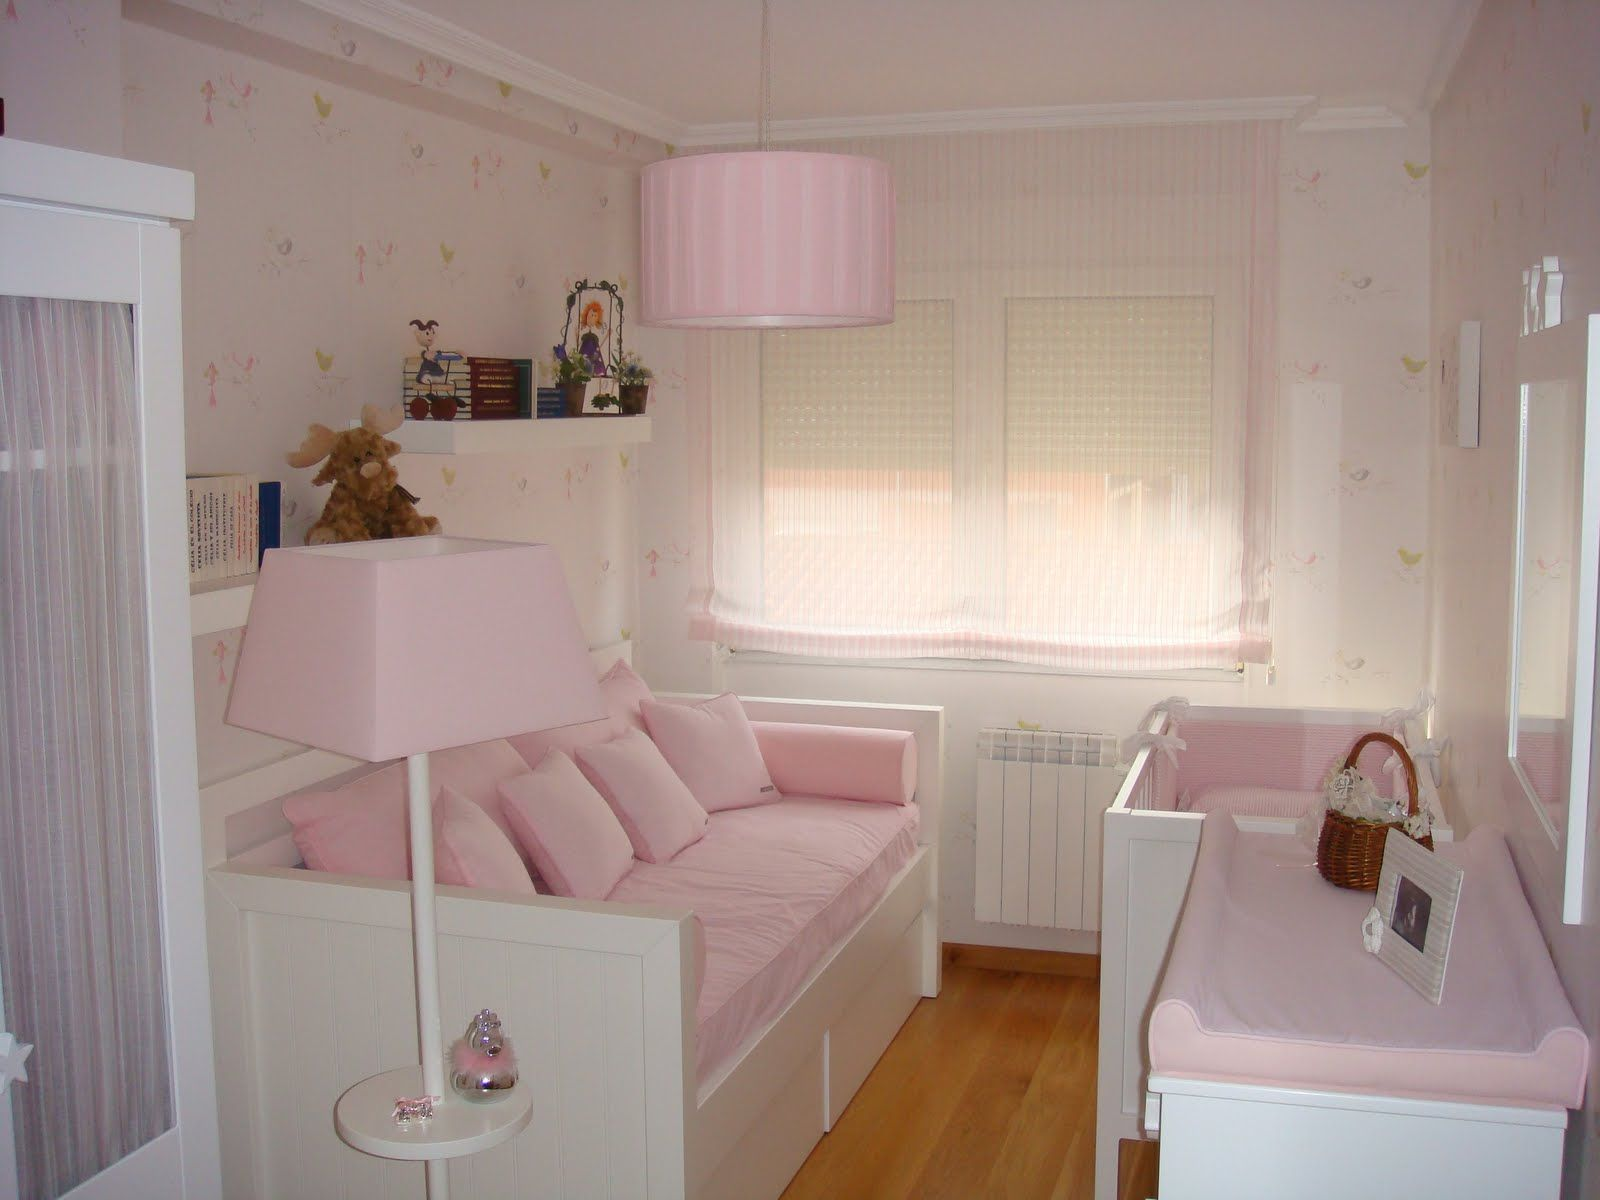 Ayuda con habitacion beb habitaci n beb s decorar tu - Decorar una habitacion de bebe ...